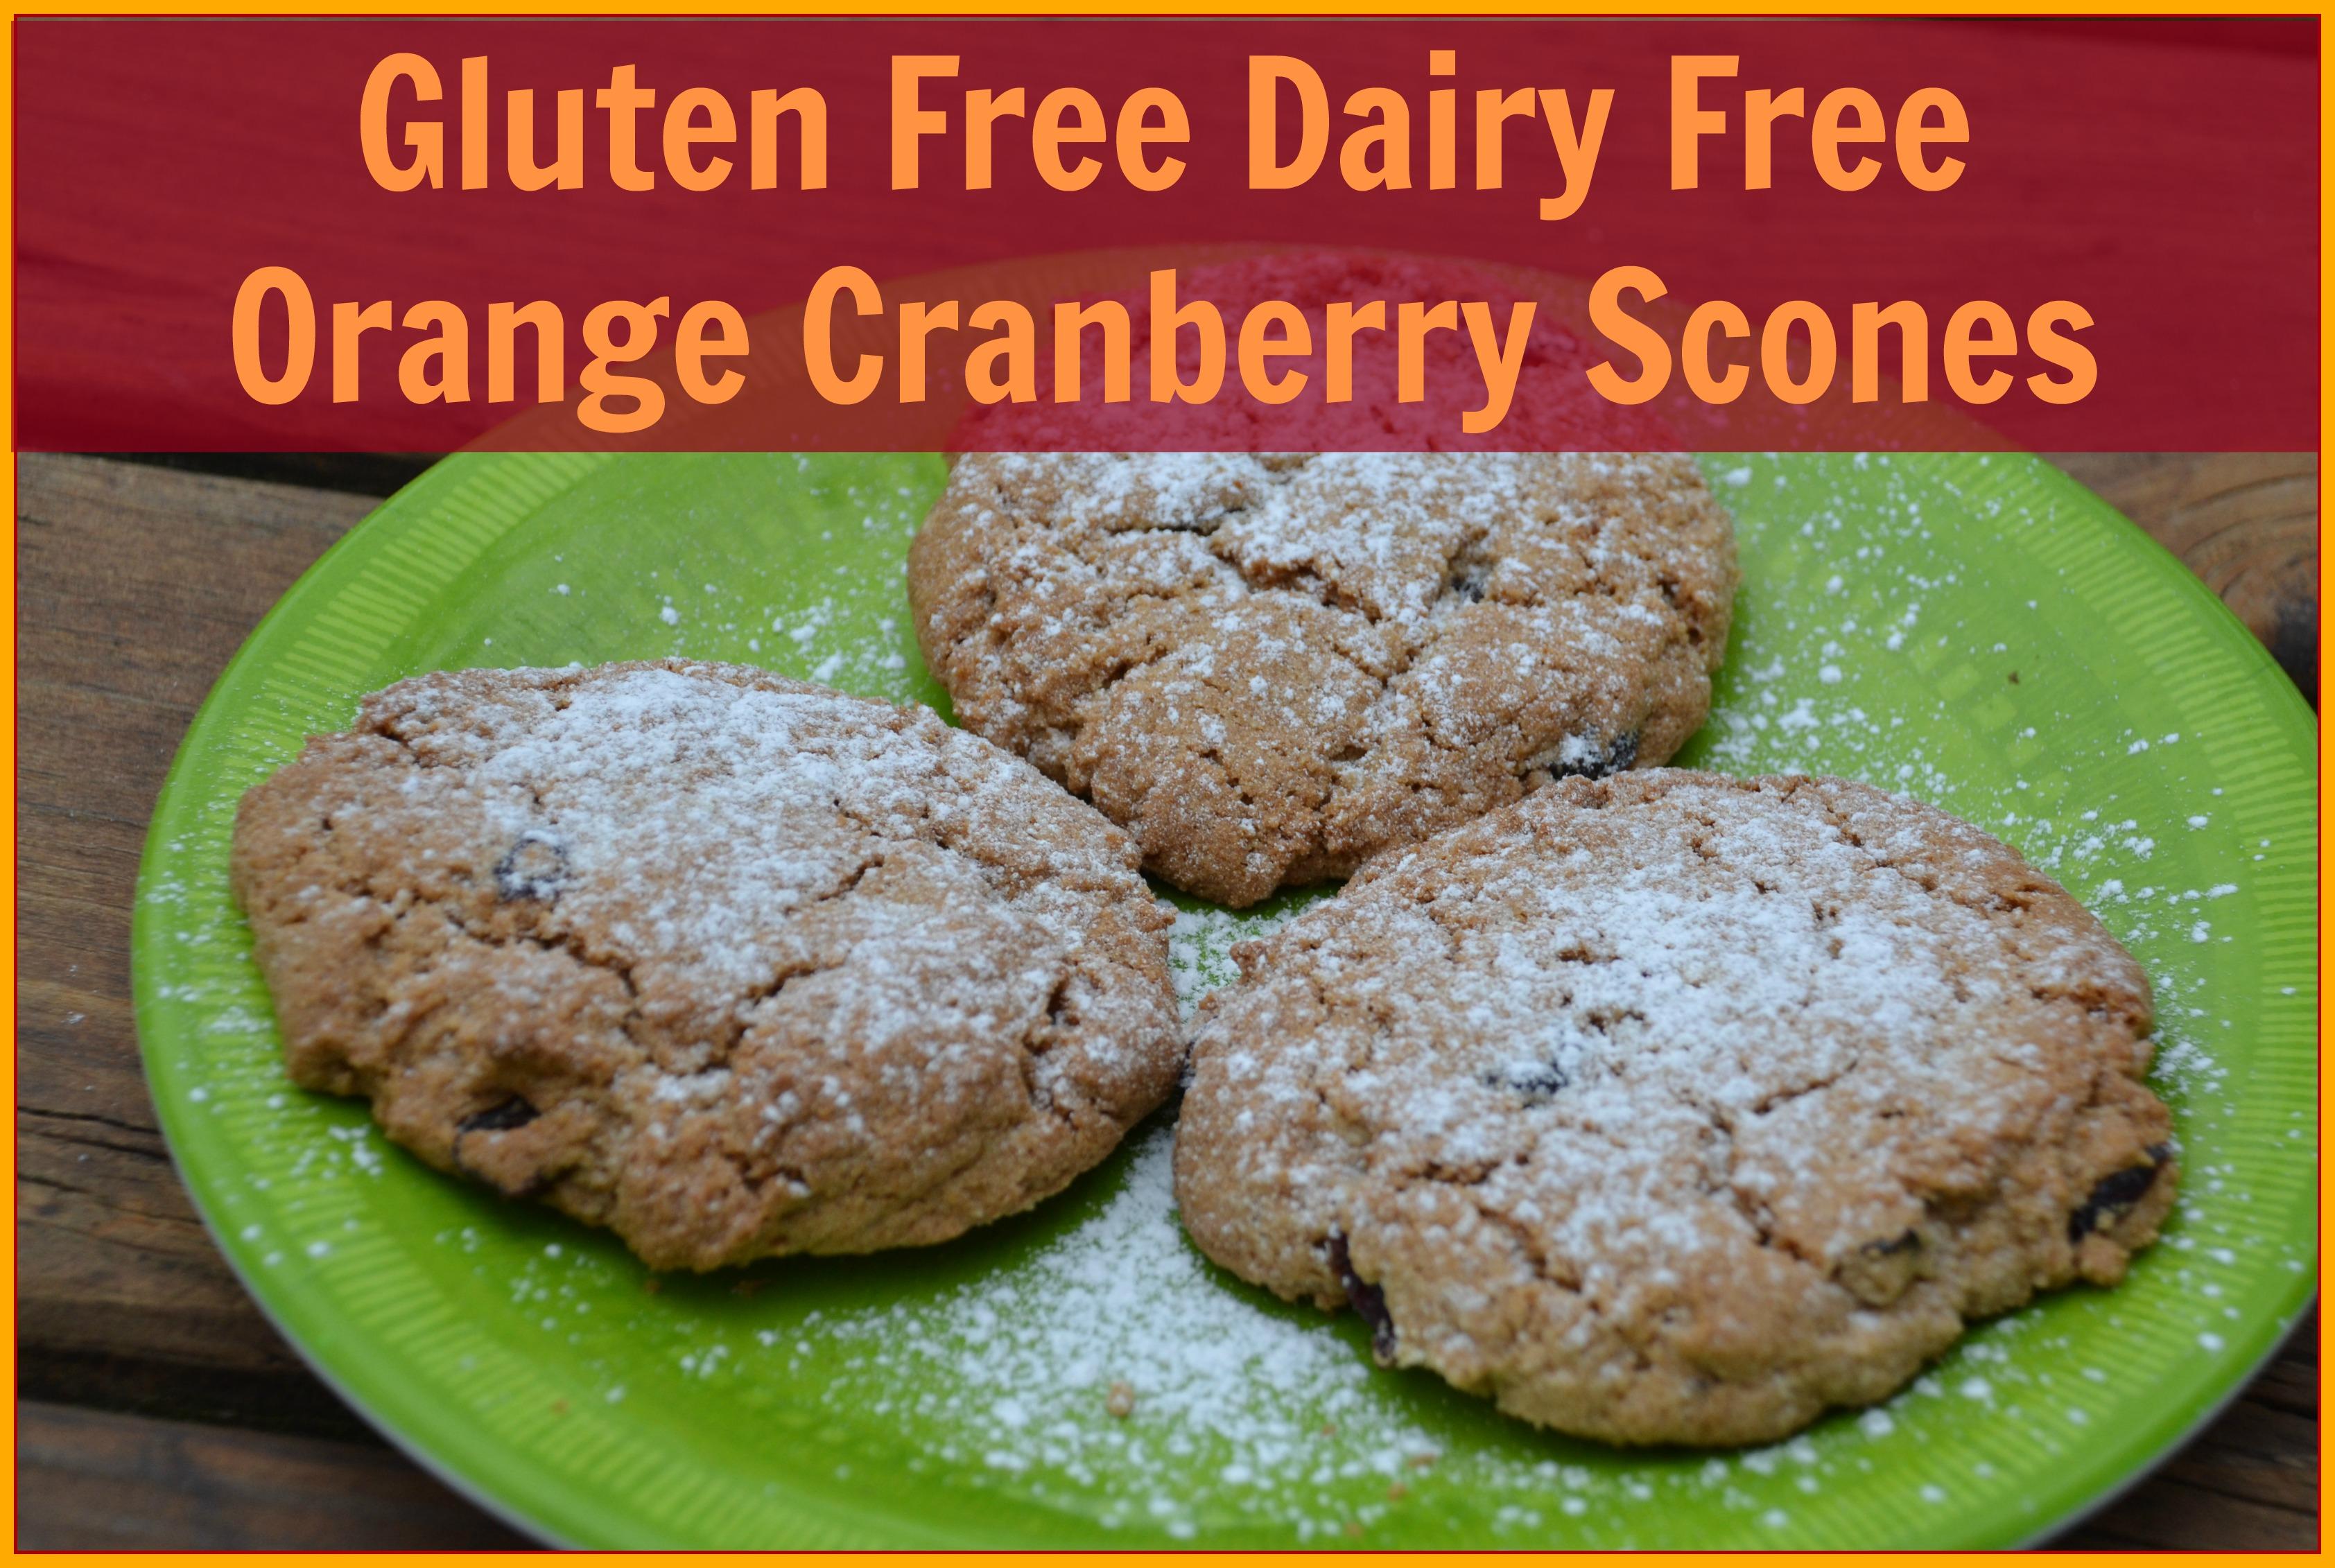 Gluten Free Dairy Free Orange Cranberry Scones